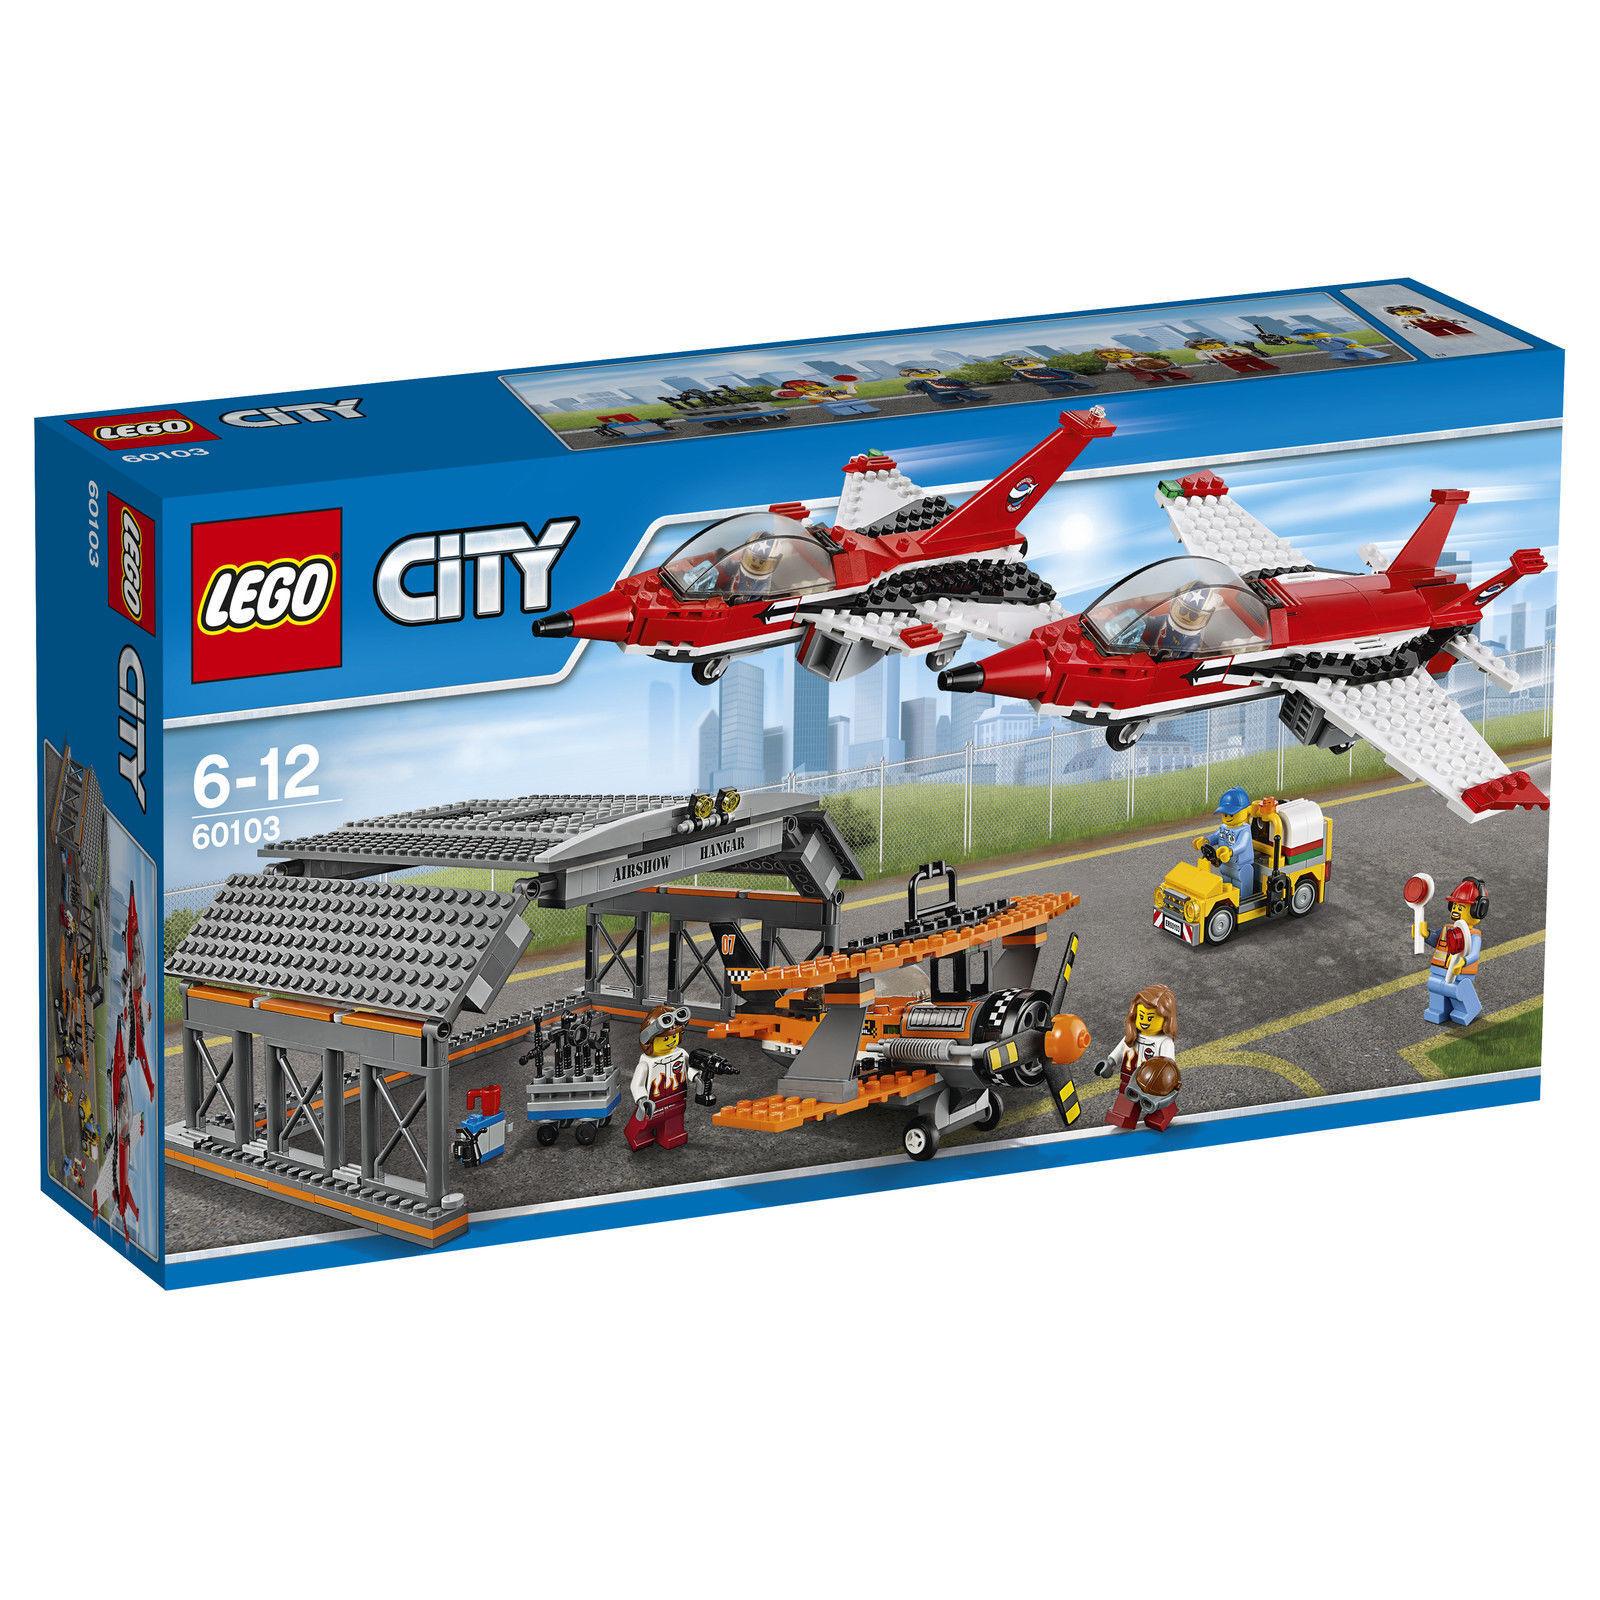 LEGO City Große Flugschau (60103) neu & OVP